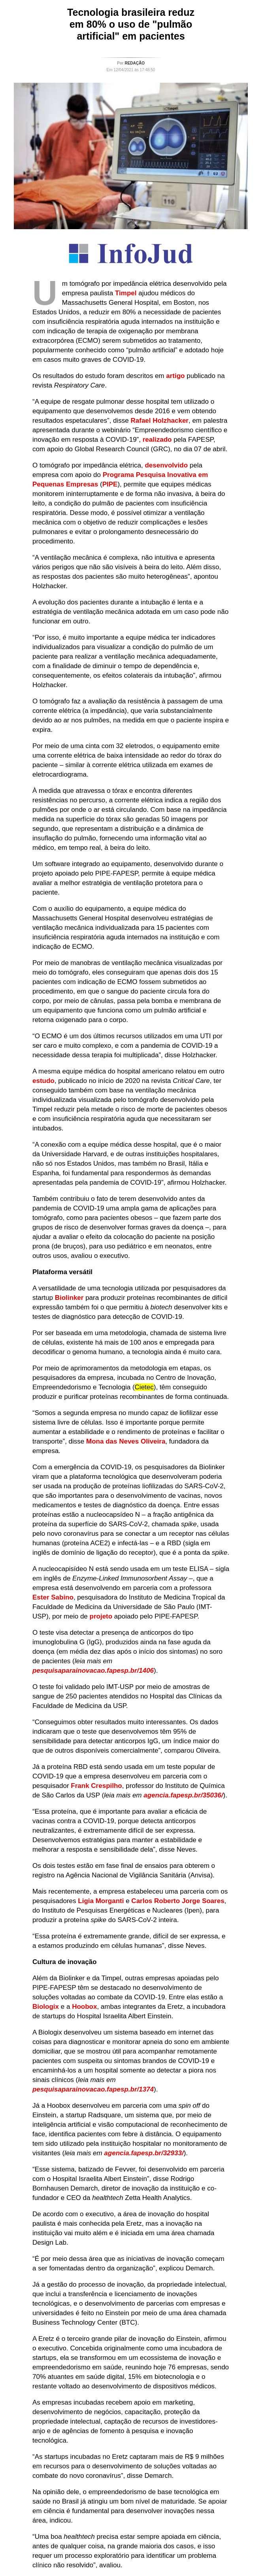 Tecnologia brasileira reduz em 80% o uso de `pulmão artificial` em pacientes - BSB Notícias